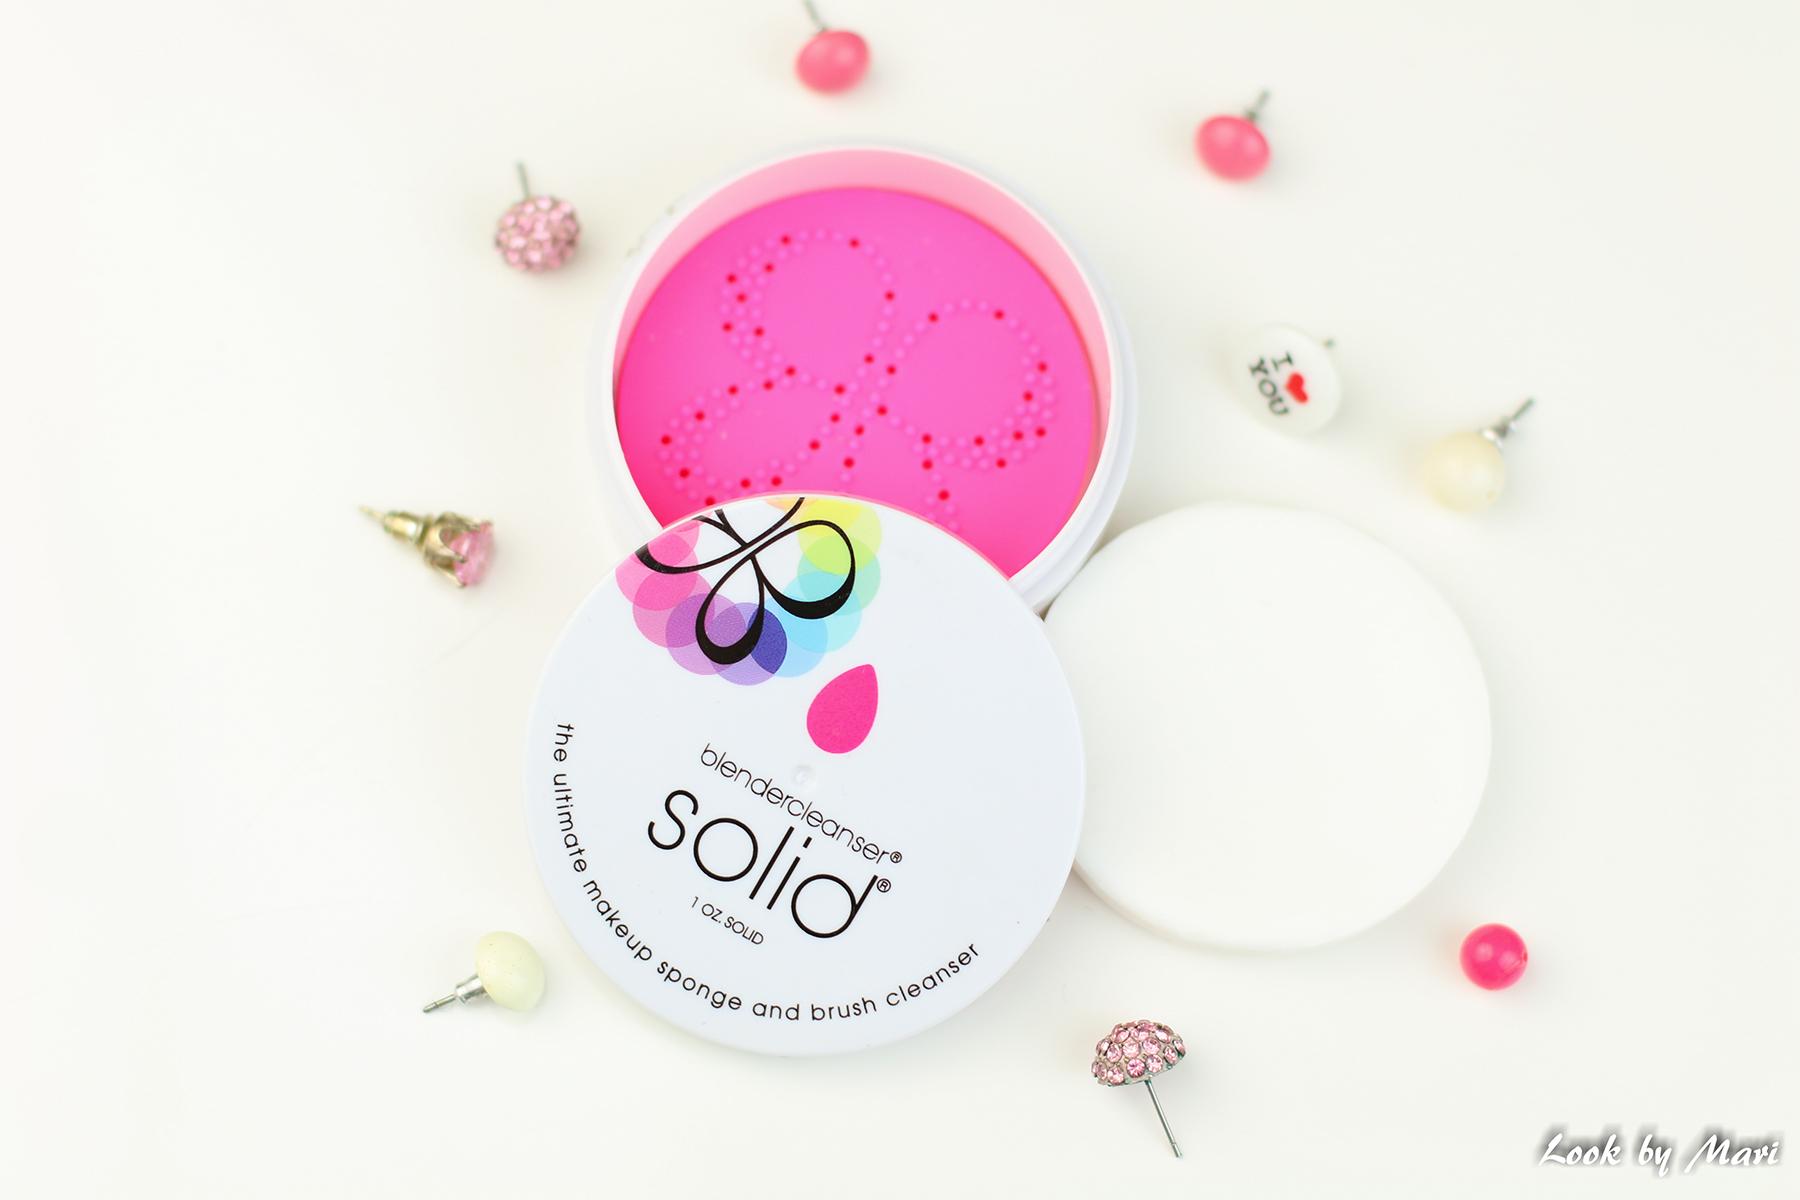 11 beautyblender blendercleanser kiinteä sivellin saippua kokemuksia onko hyvä